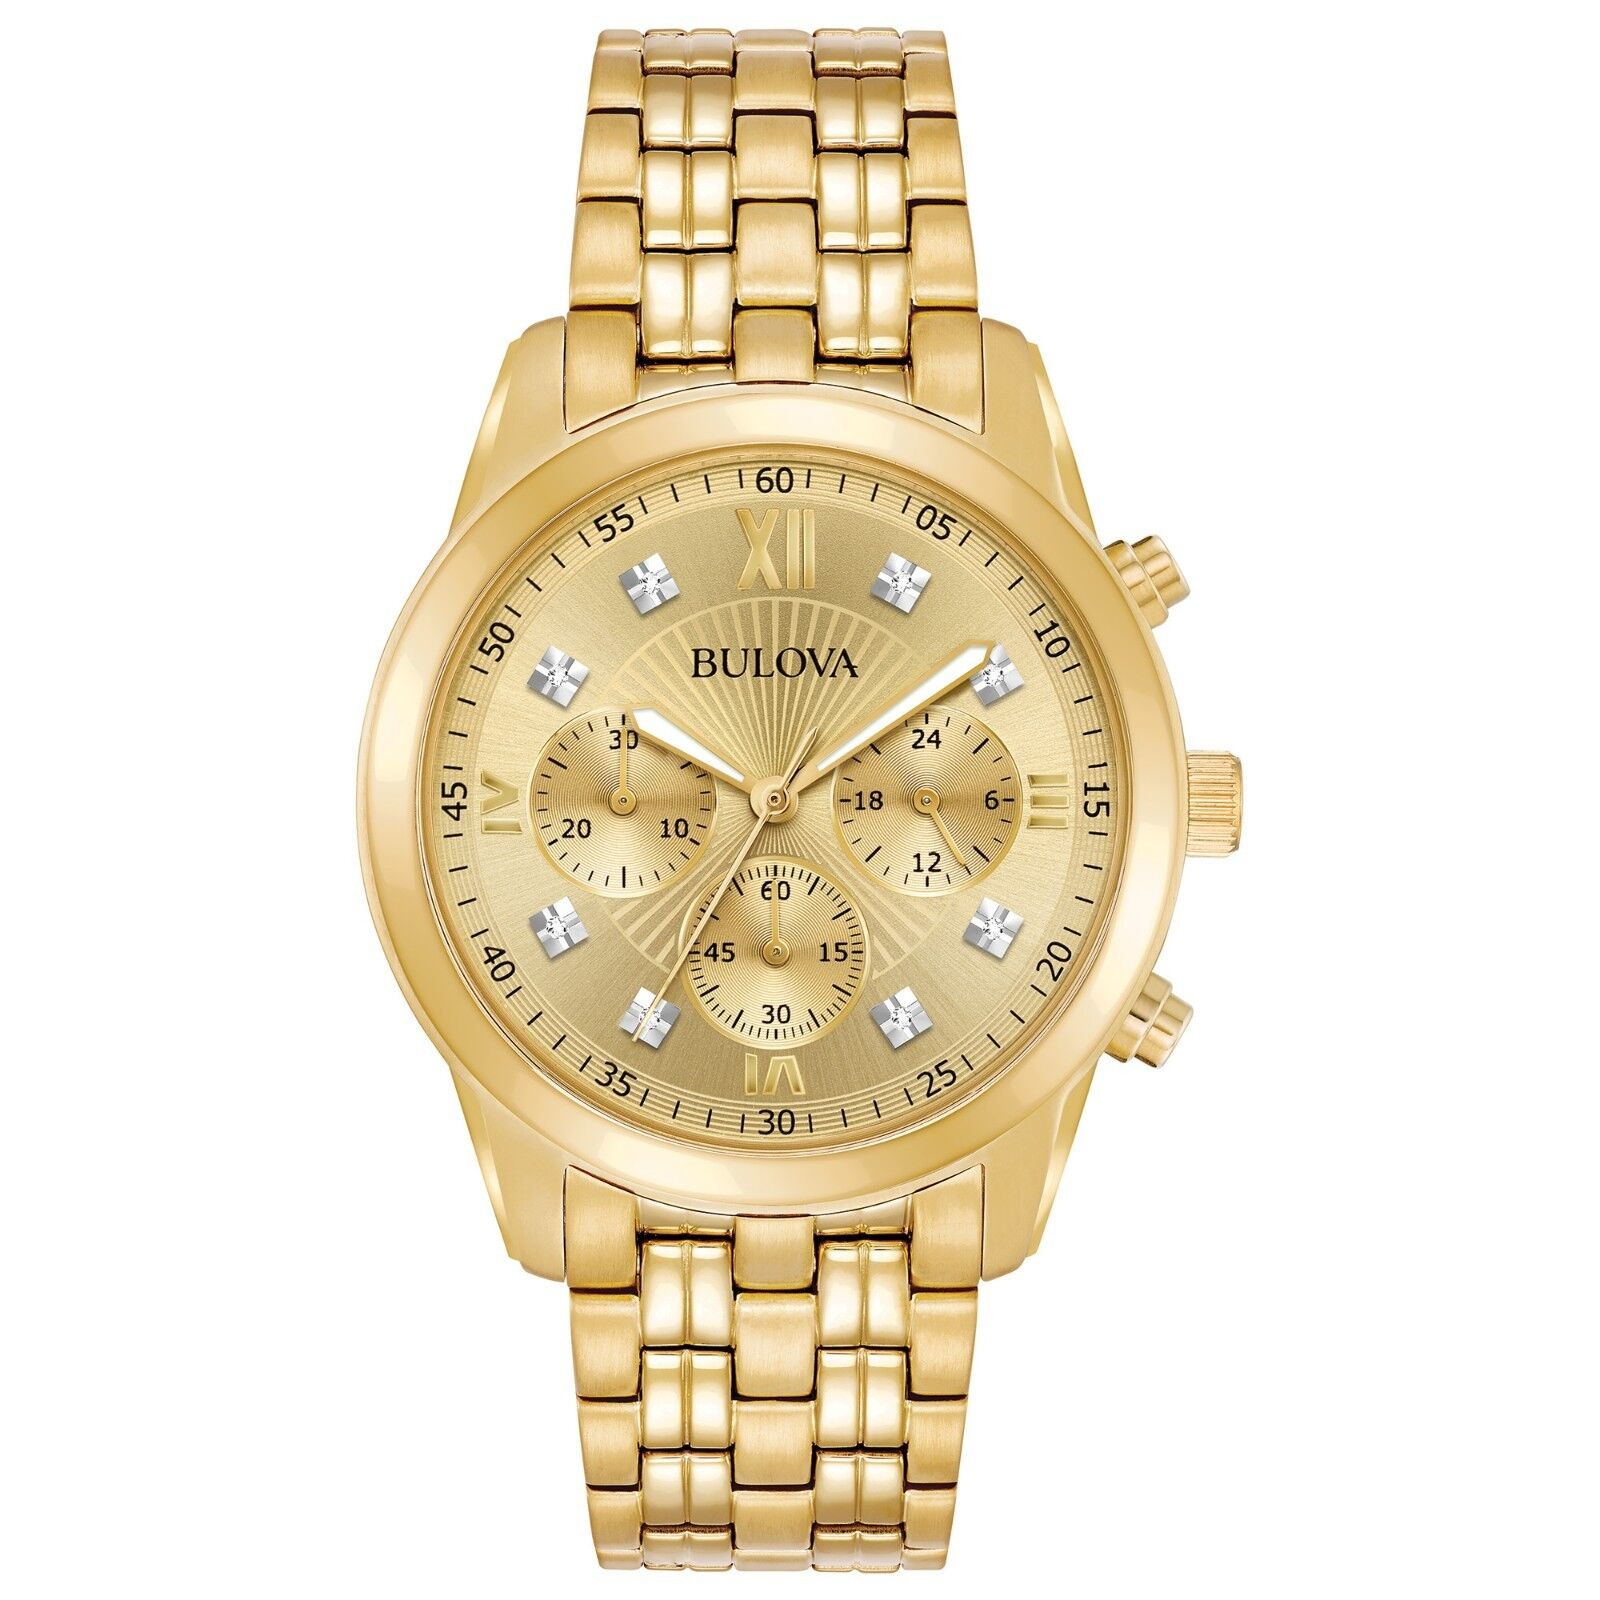 Bulova Men's 97D114 Chronograph Quartz Diamond Markers Gold-